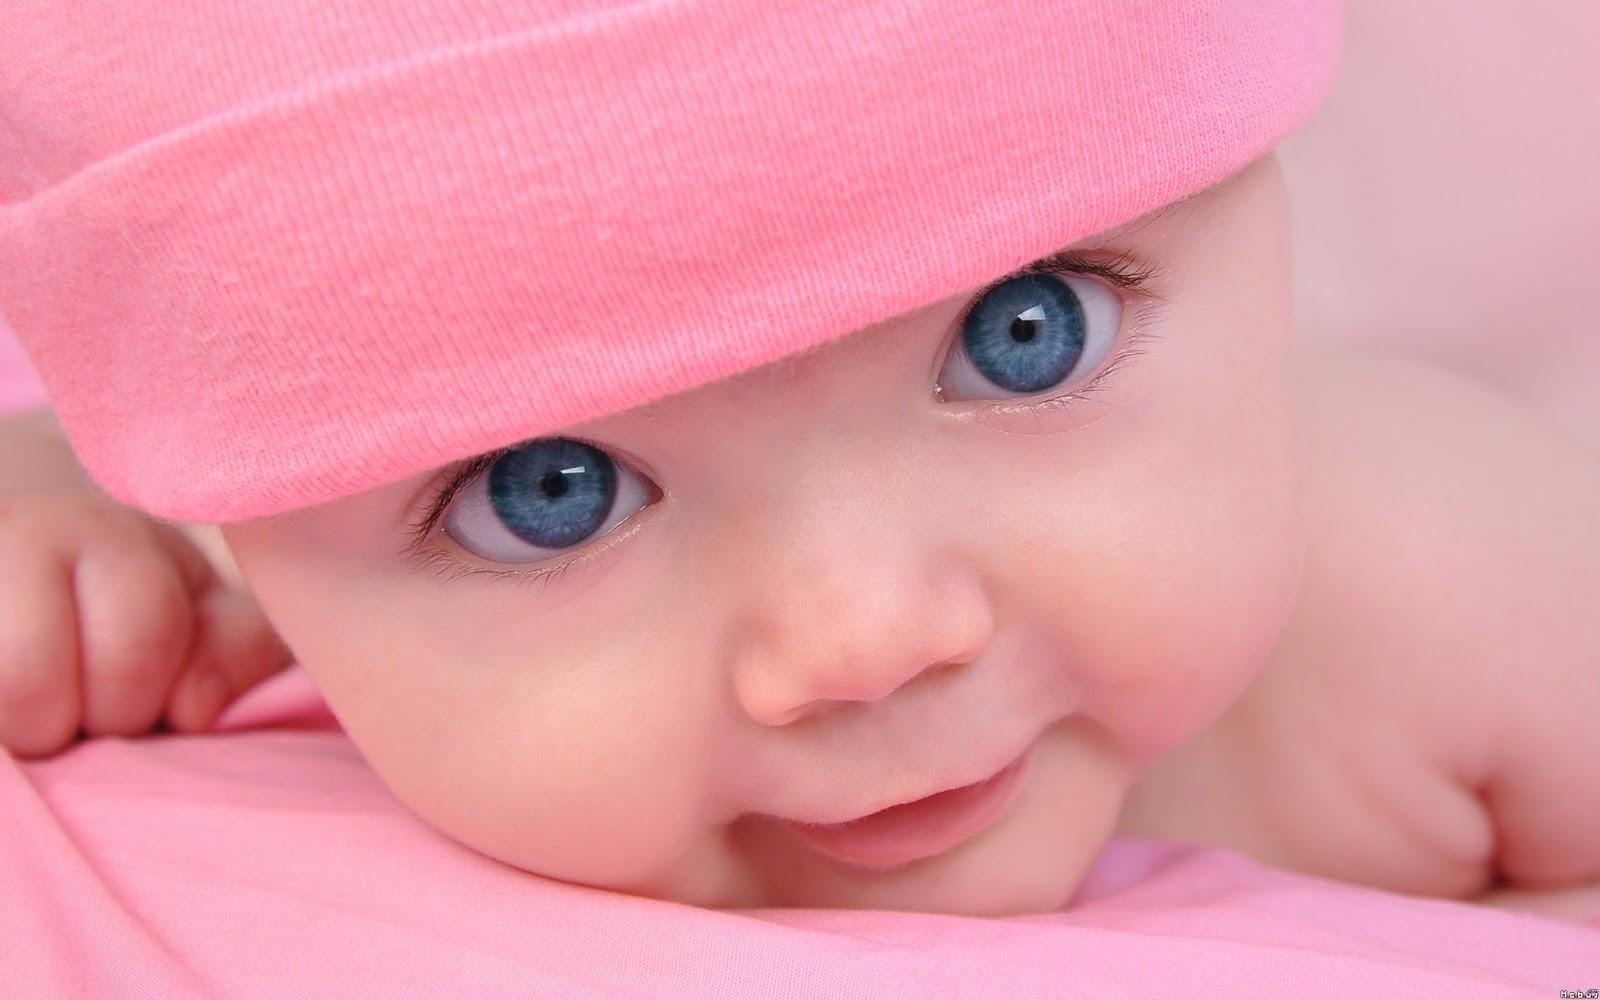 у маленького ребенка одна грудь больше: